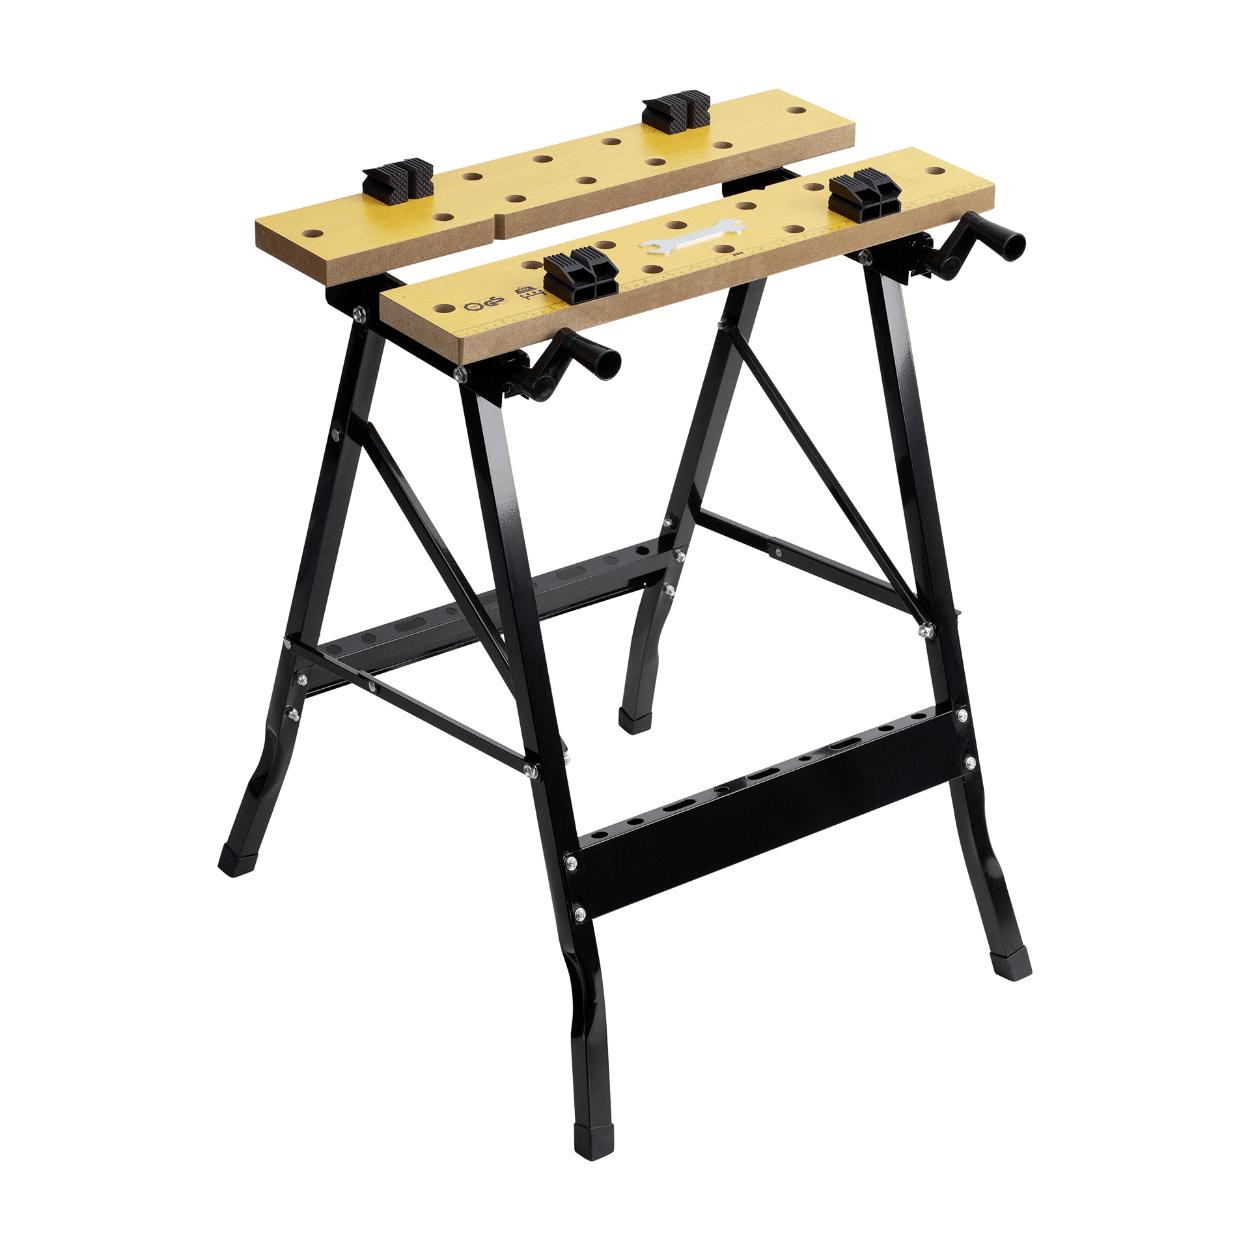 Établi de serrage pliable Workzone - 63x60.5x76cm (max. 150kg)